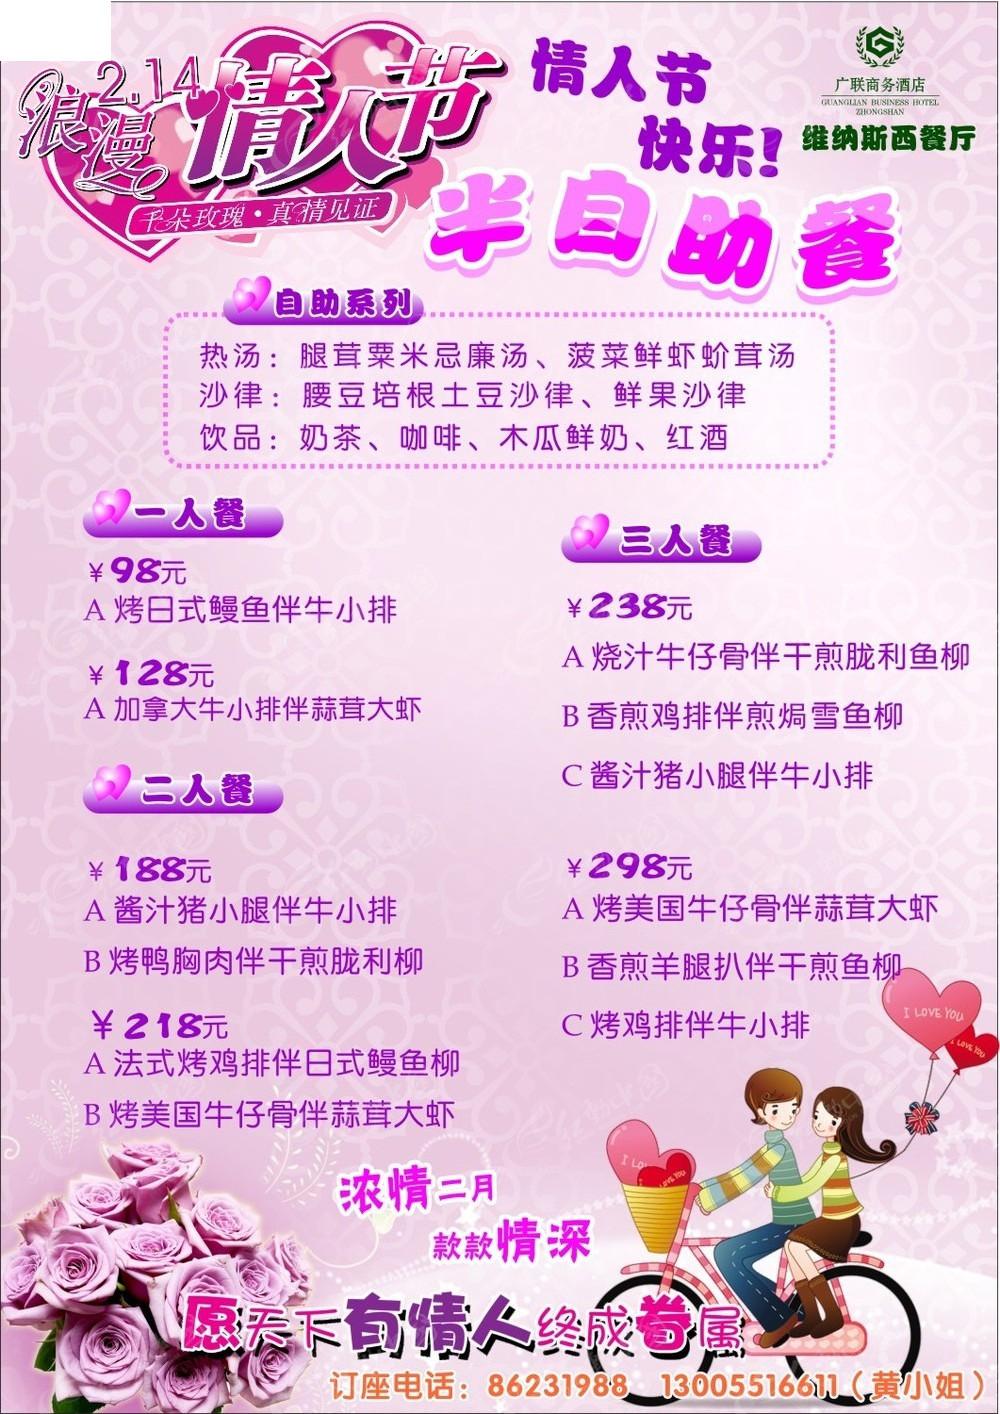 維納斯餐廳七夕活動宣傳單頁